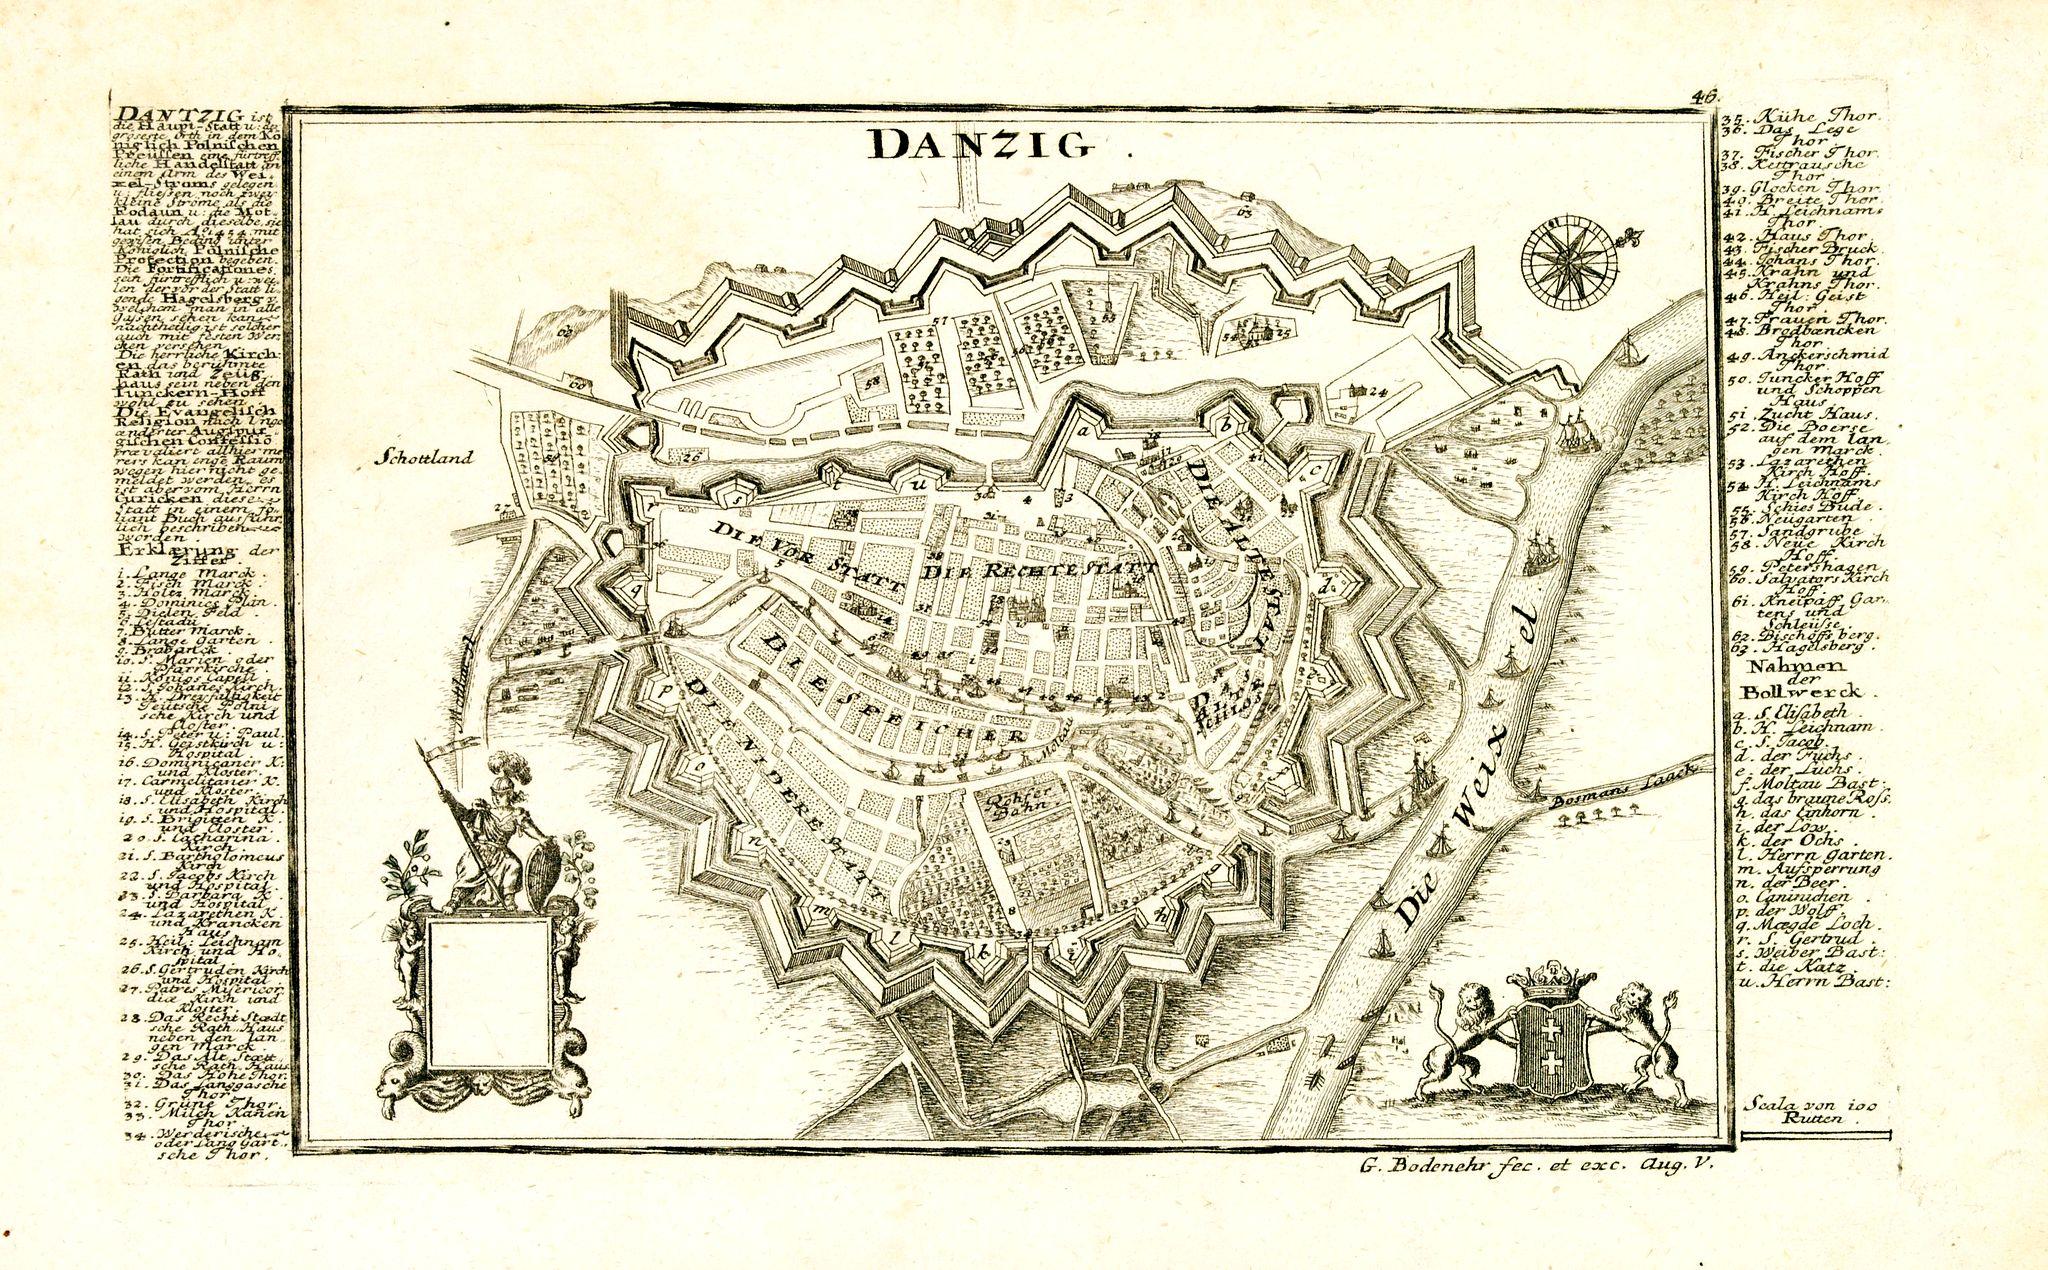 BODENEHR, G. -  Danzig.